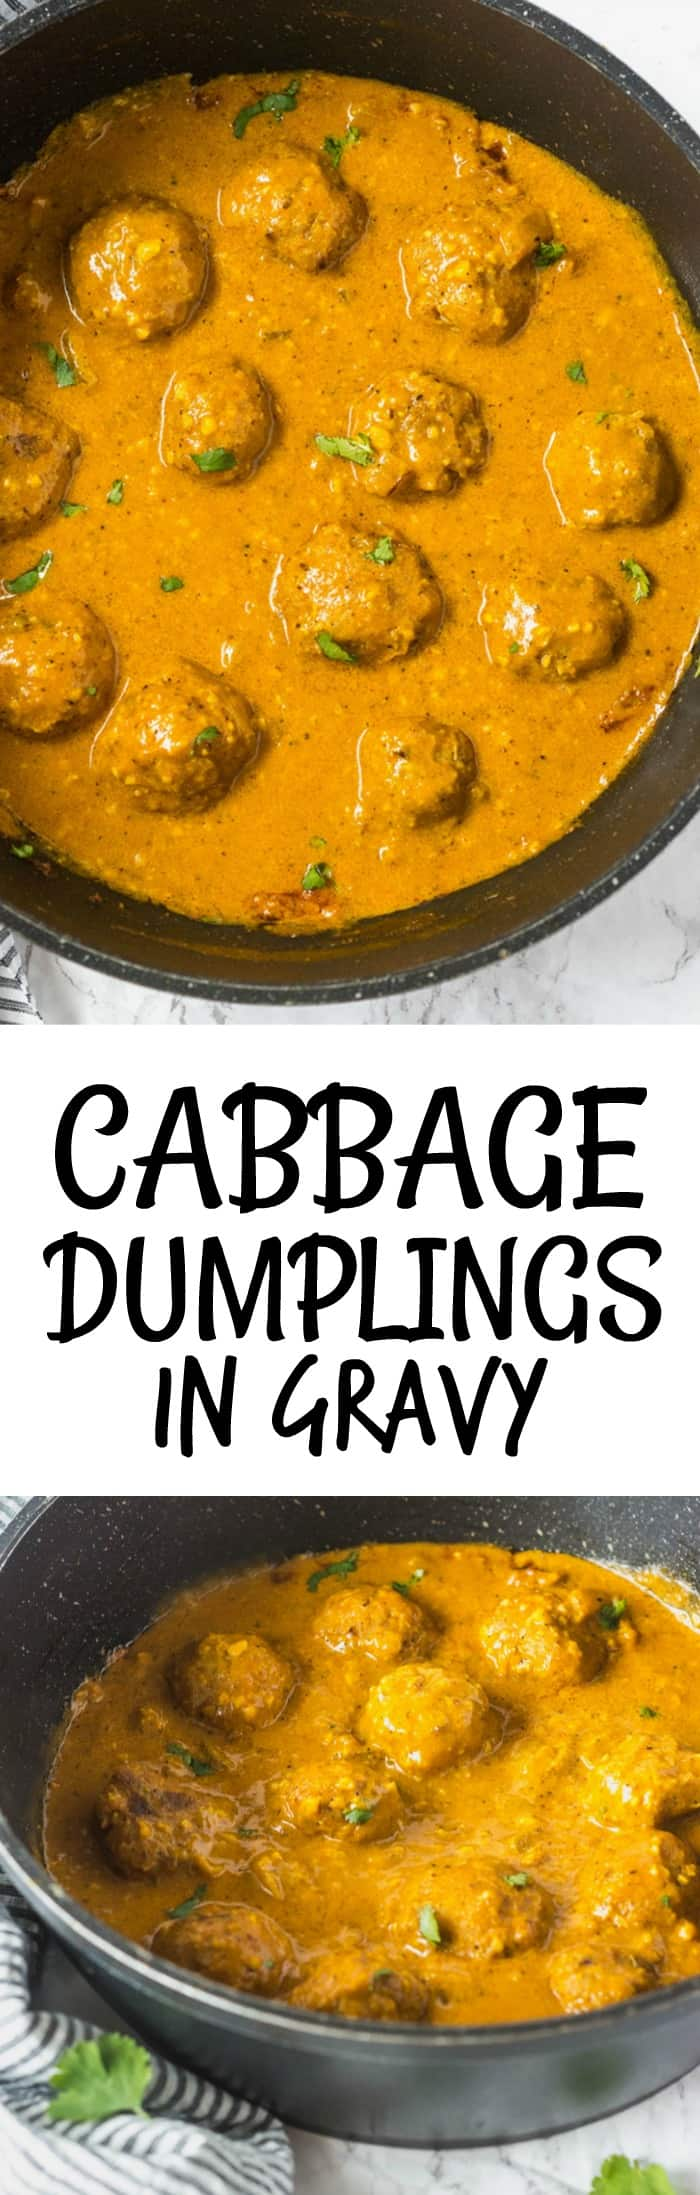 Cabbage Dumplings In Gravy